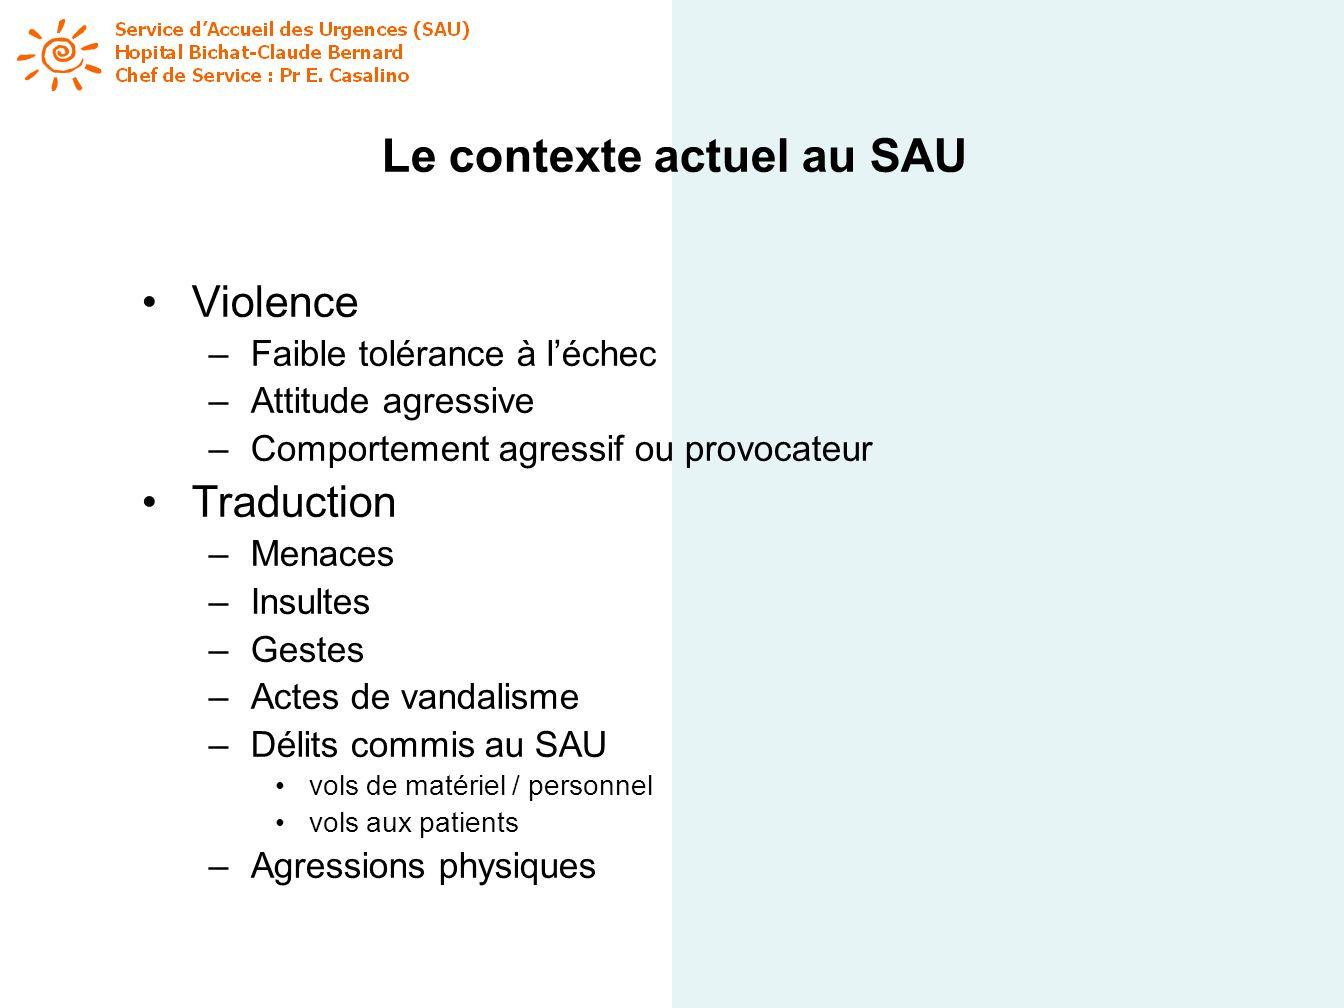 Le contexte actuel au SAU